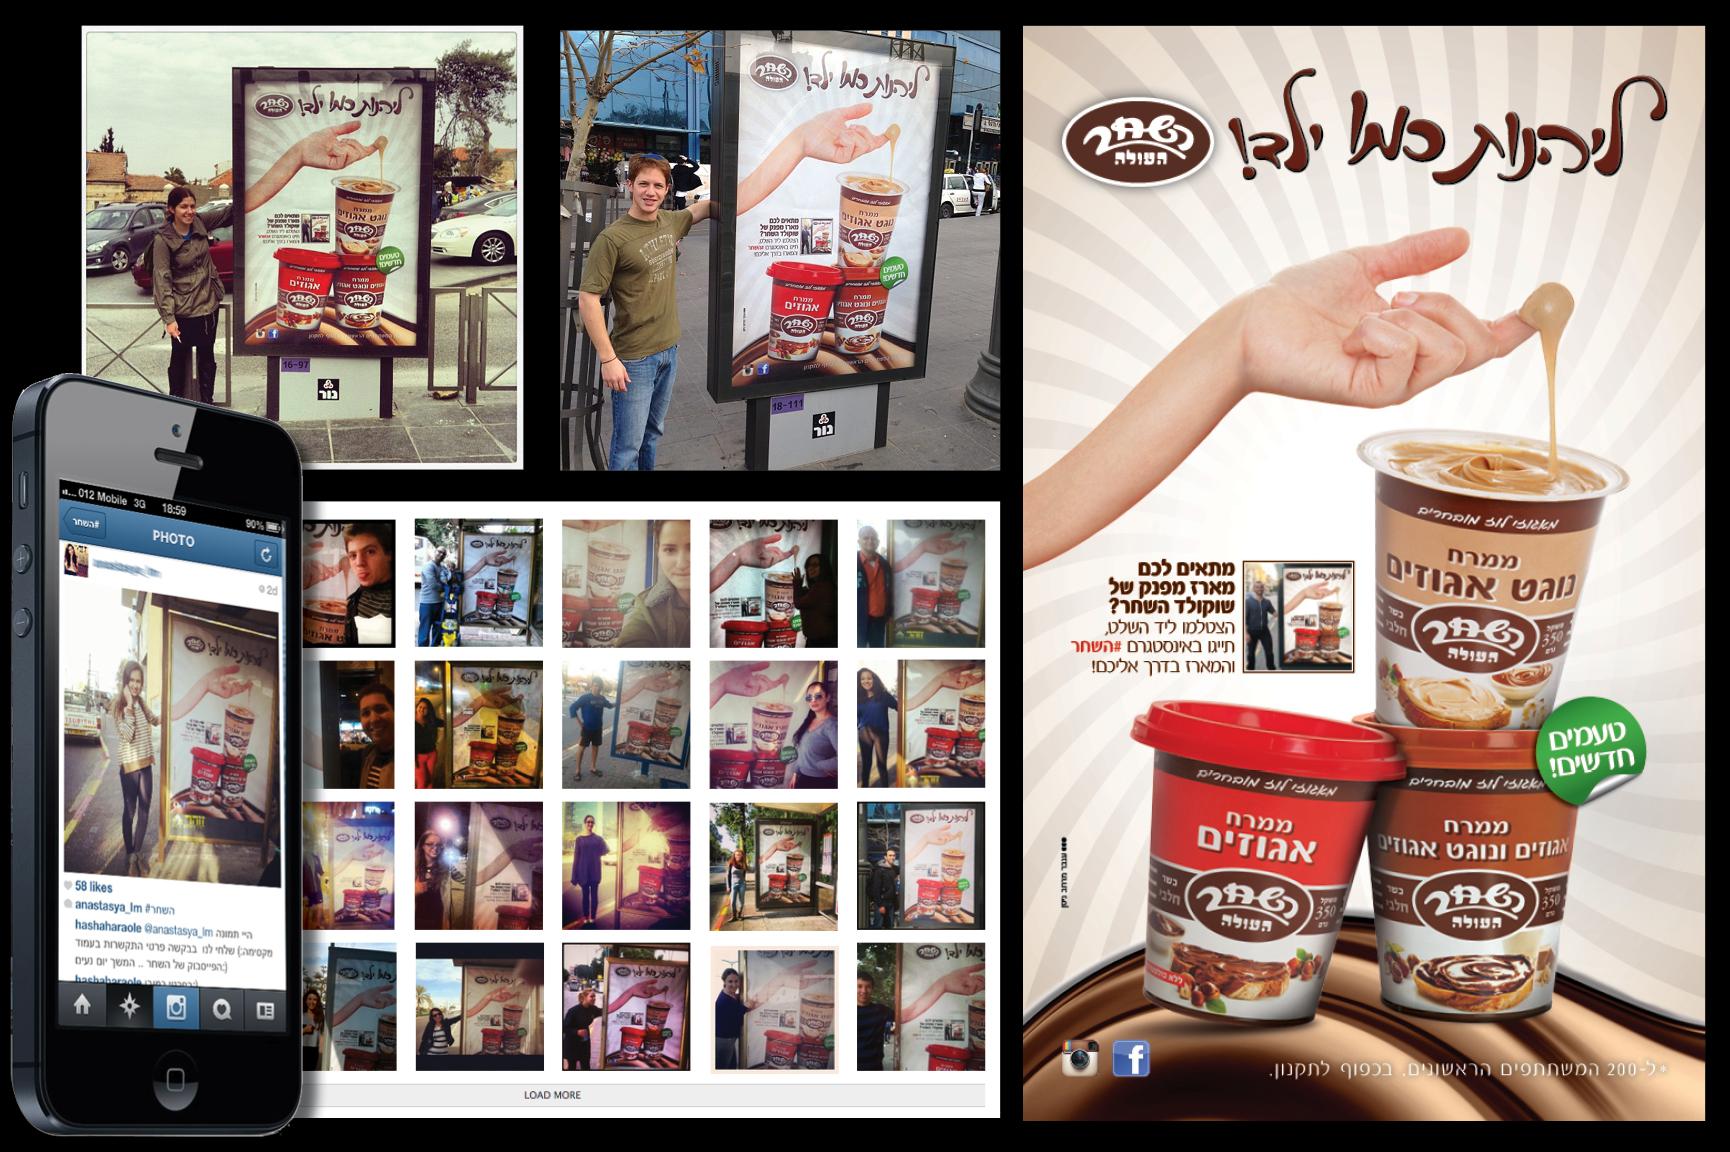 קמפיין חוצות: שוקולד השחר העולה - ליהנות כמו ילד